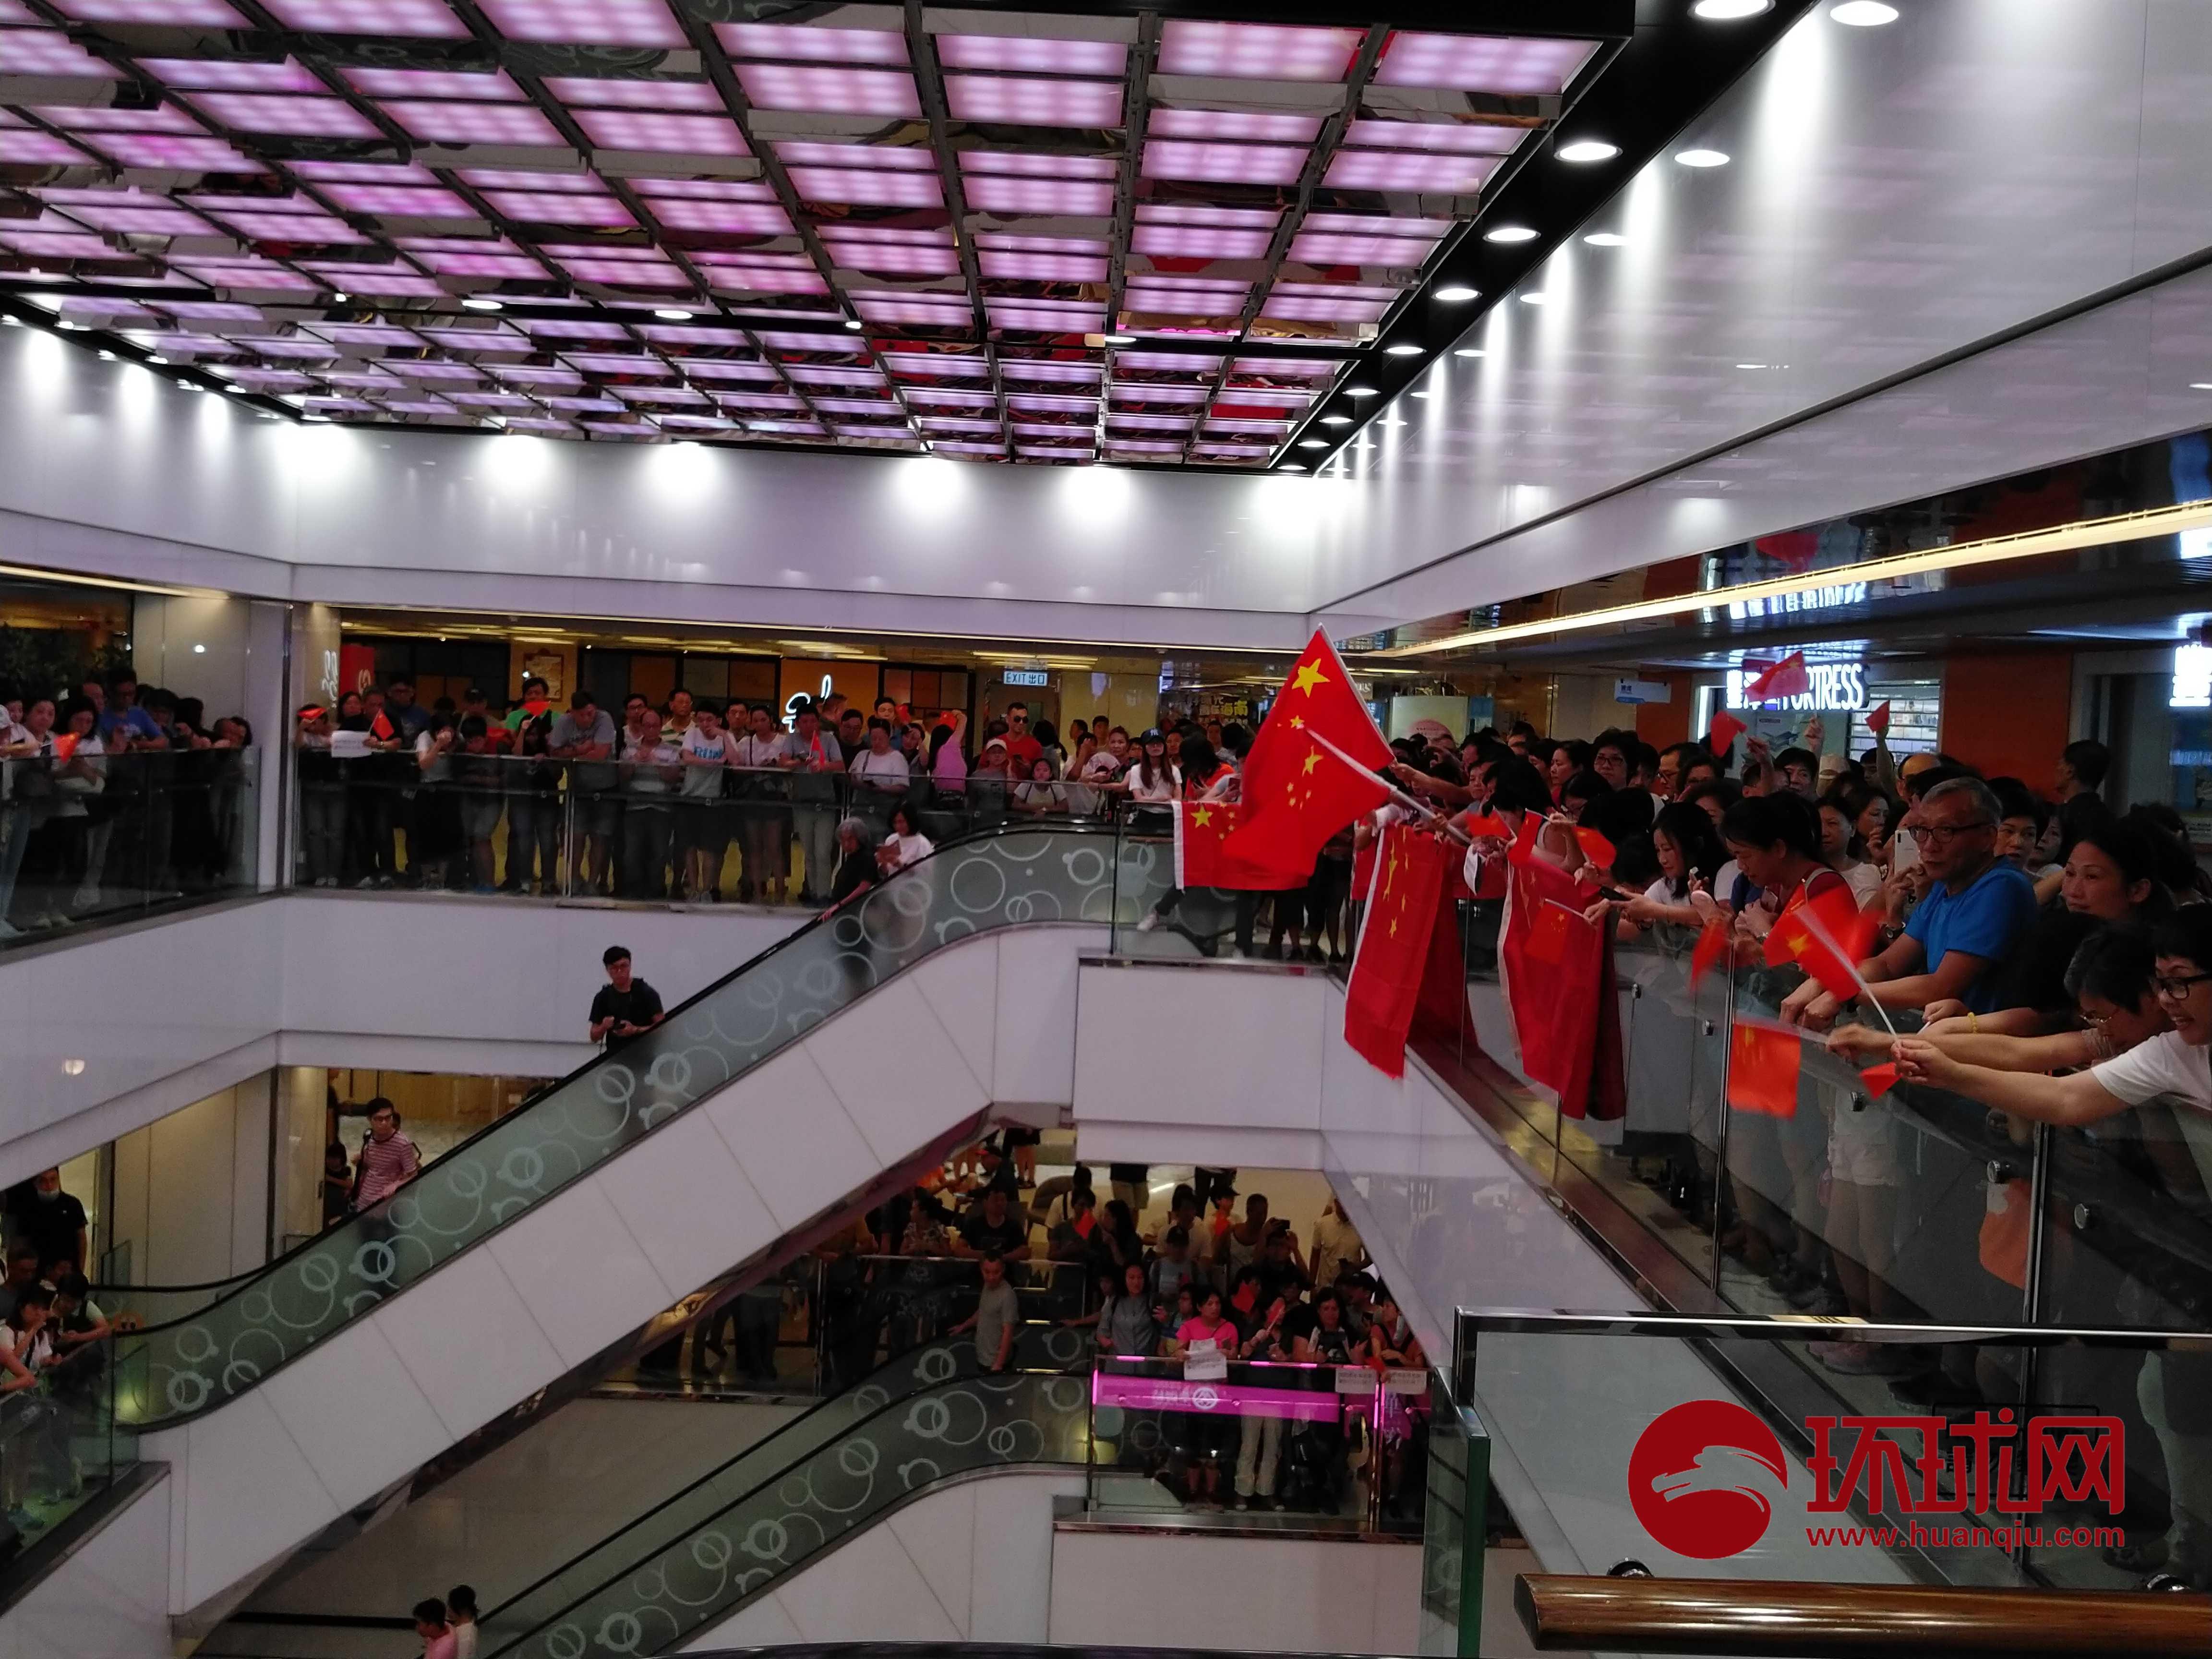 今天,他们再次来到这里,声援唱国歌被打出血香港教师!